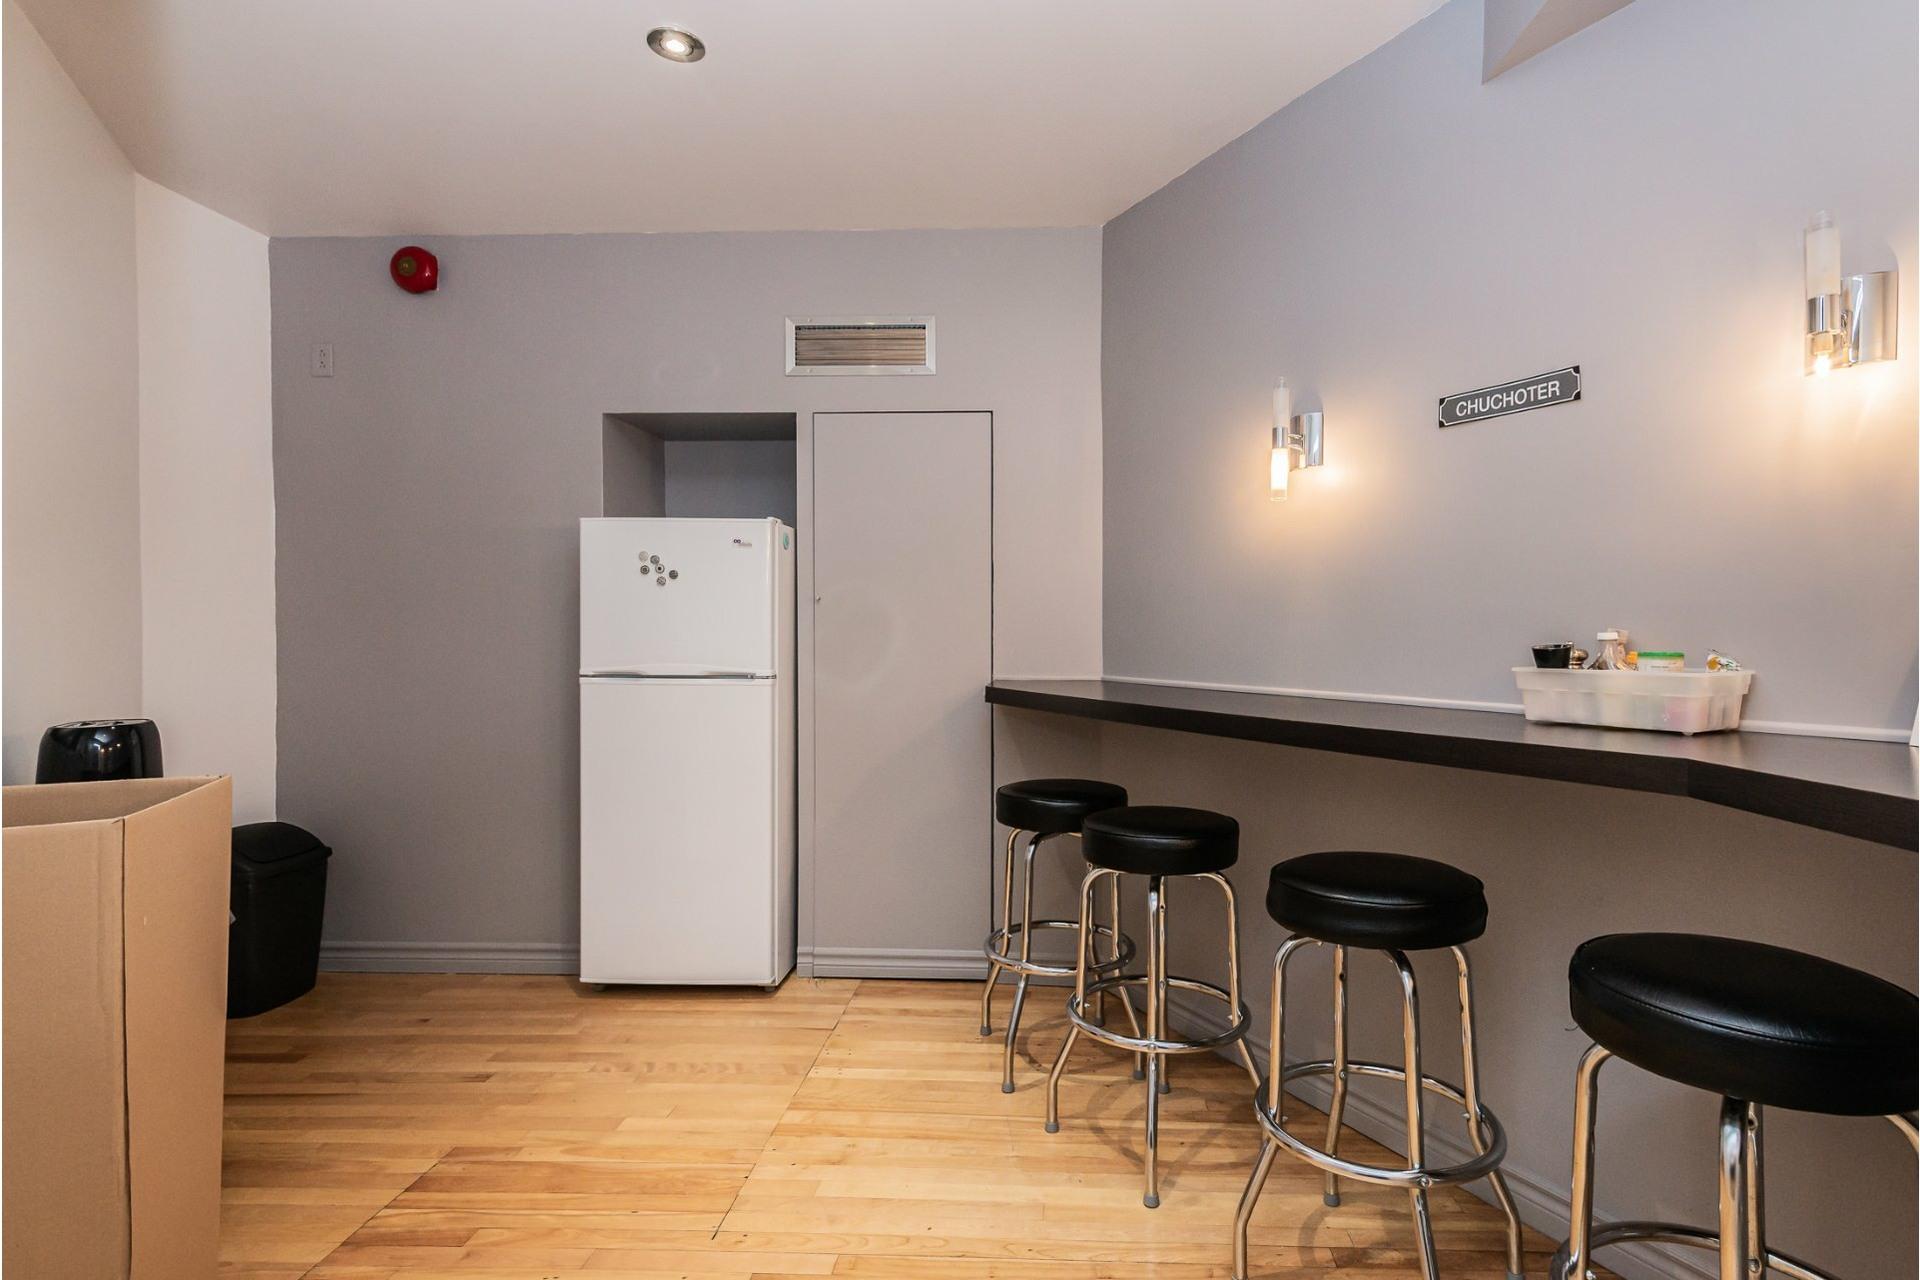 image 15 - Duplex À vendre Lachine Montréal  - 4 pièces